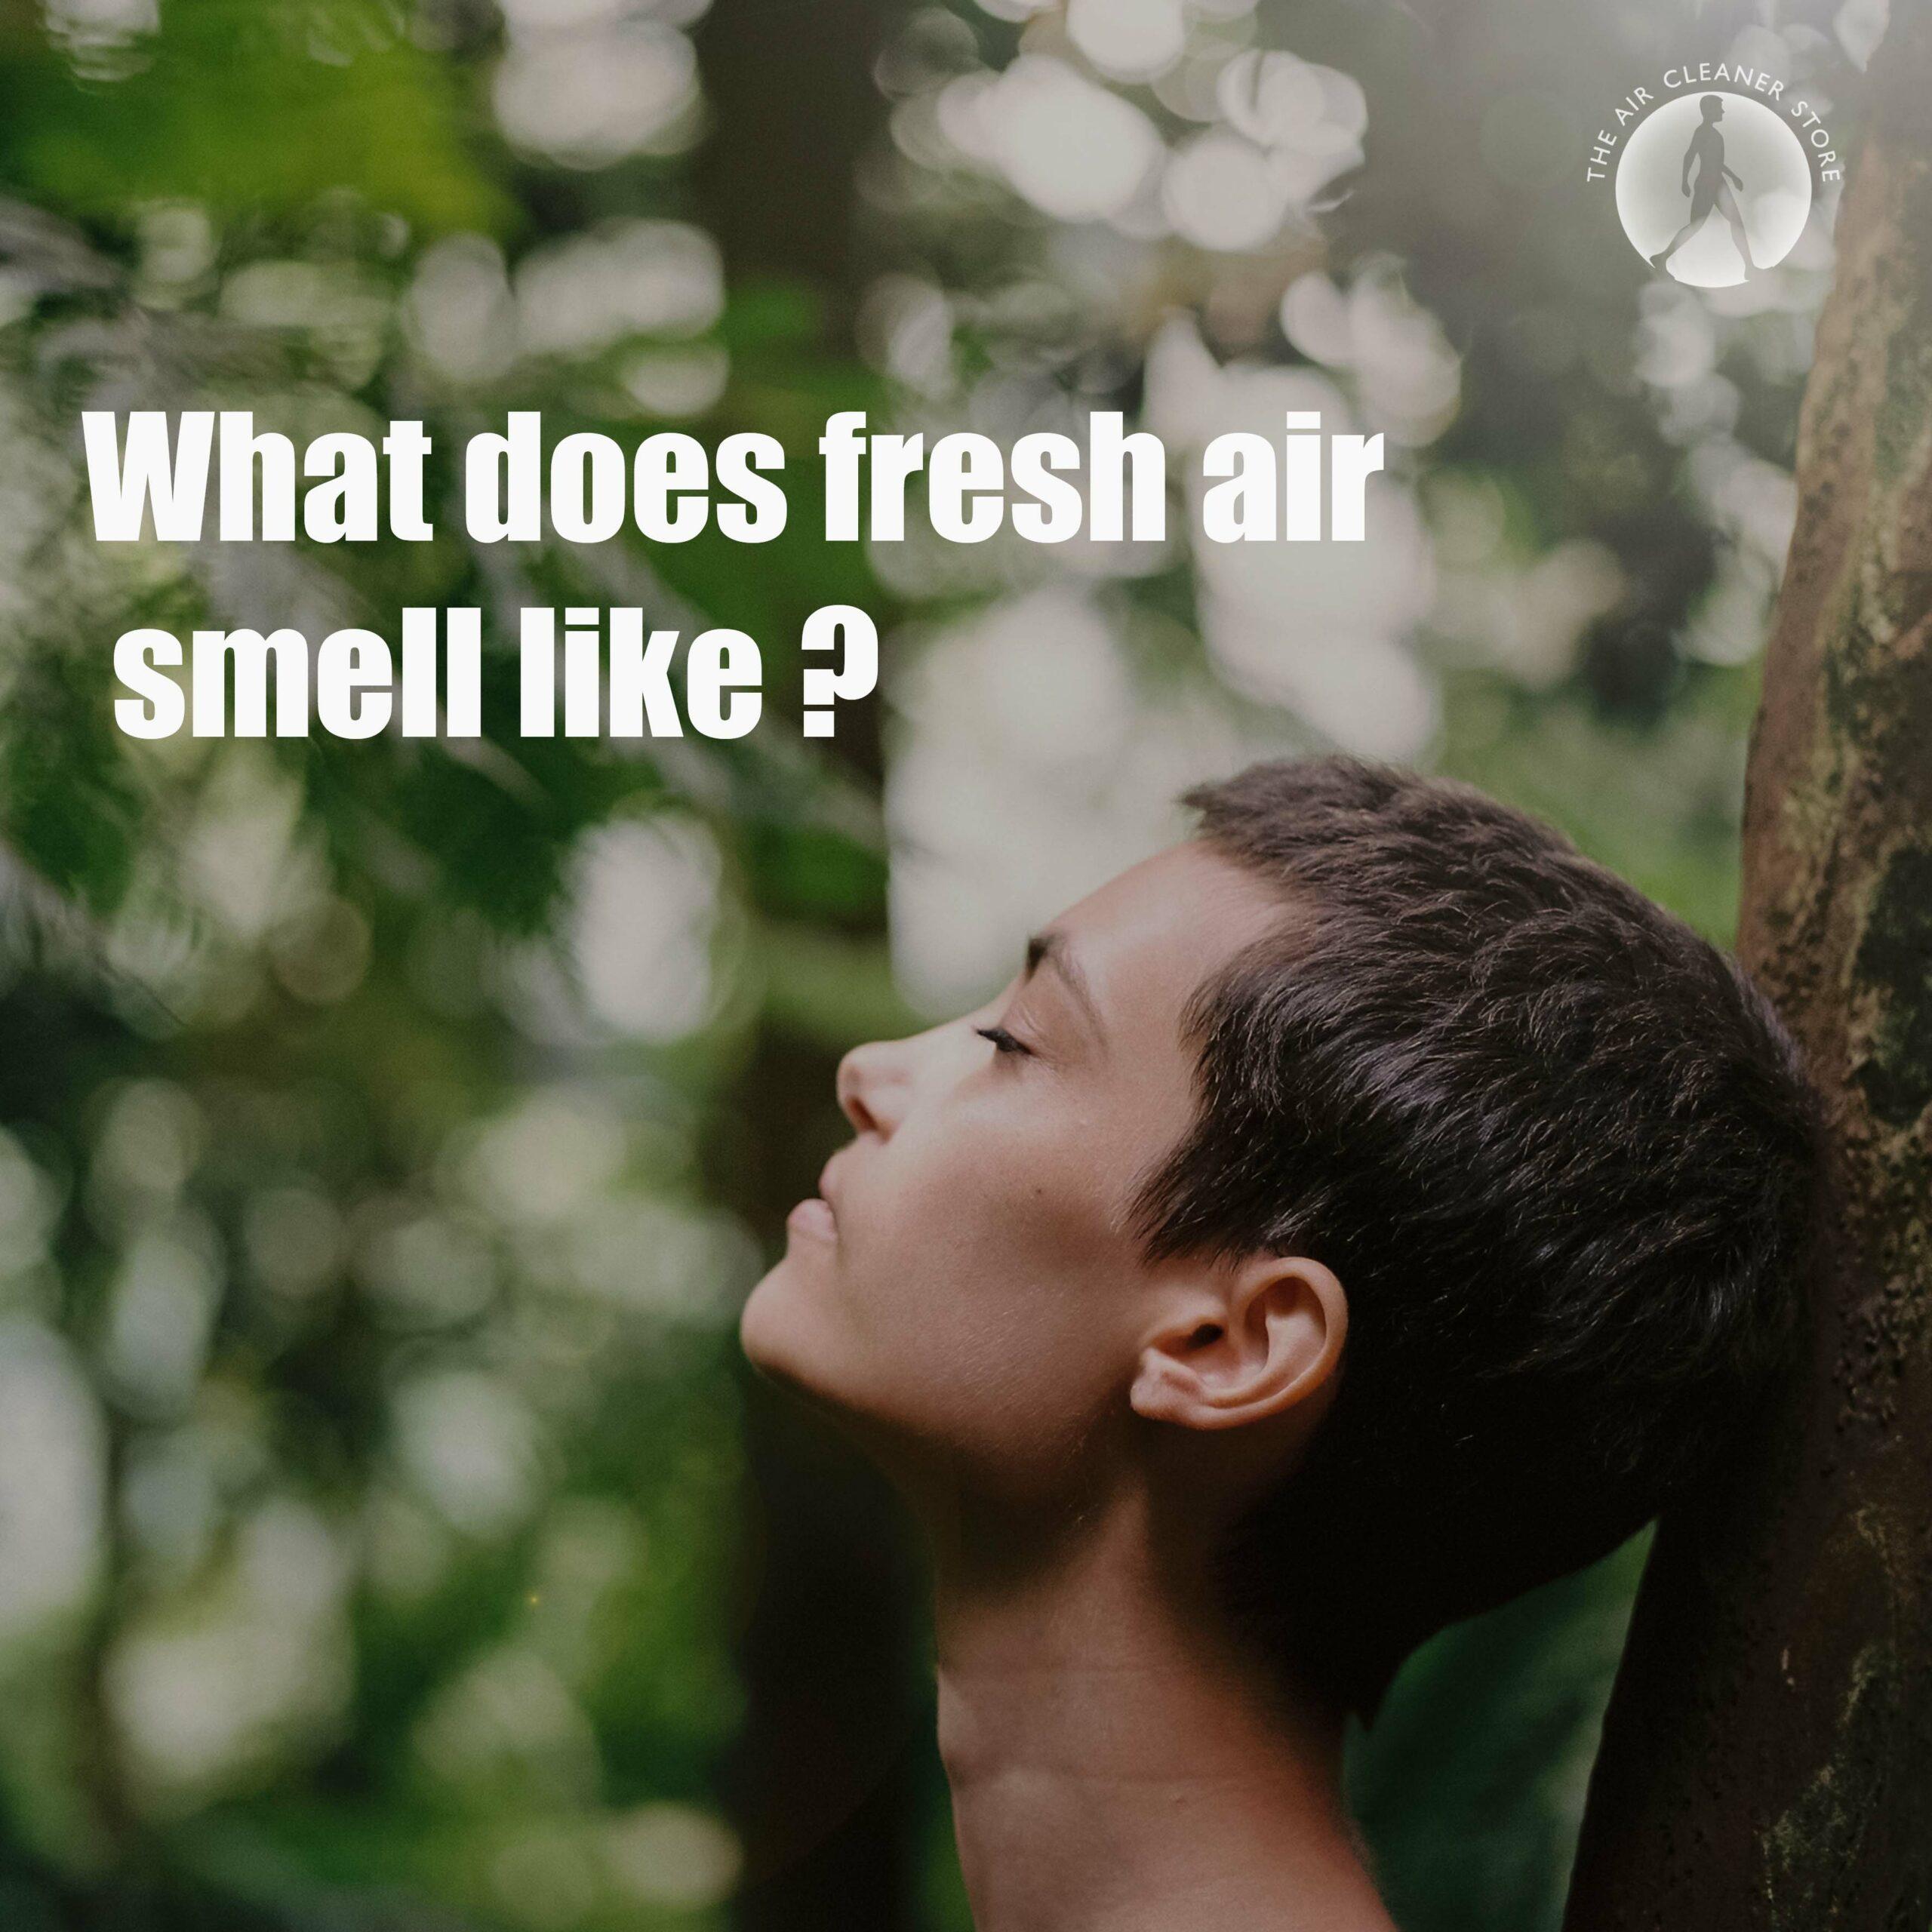 fresh air smell